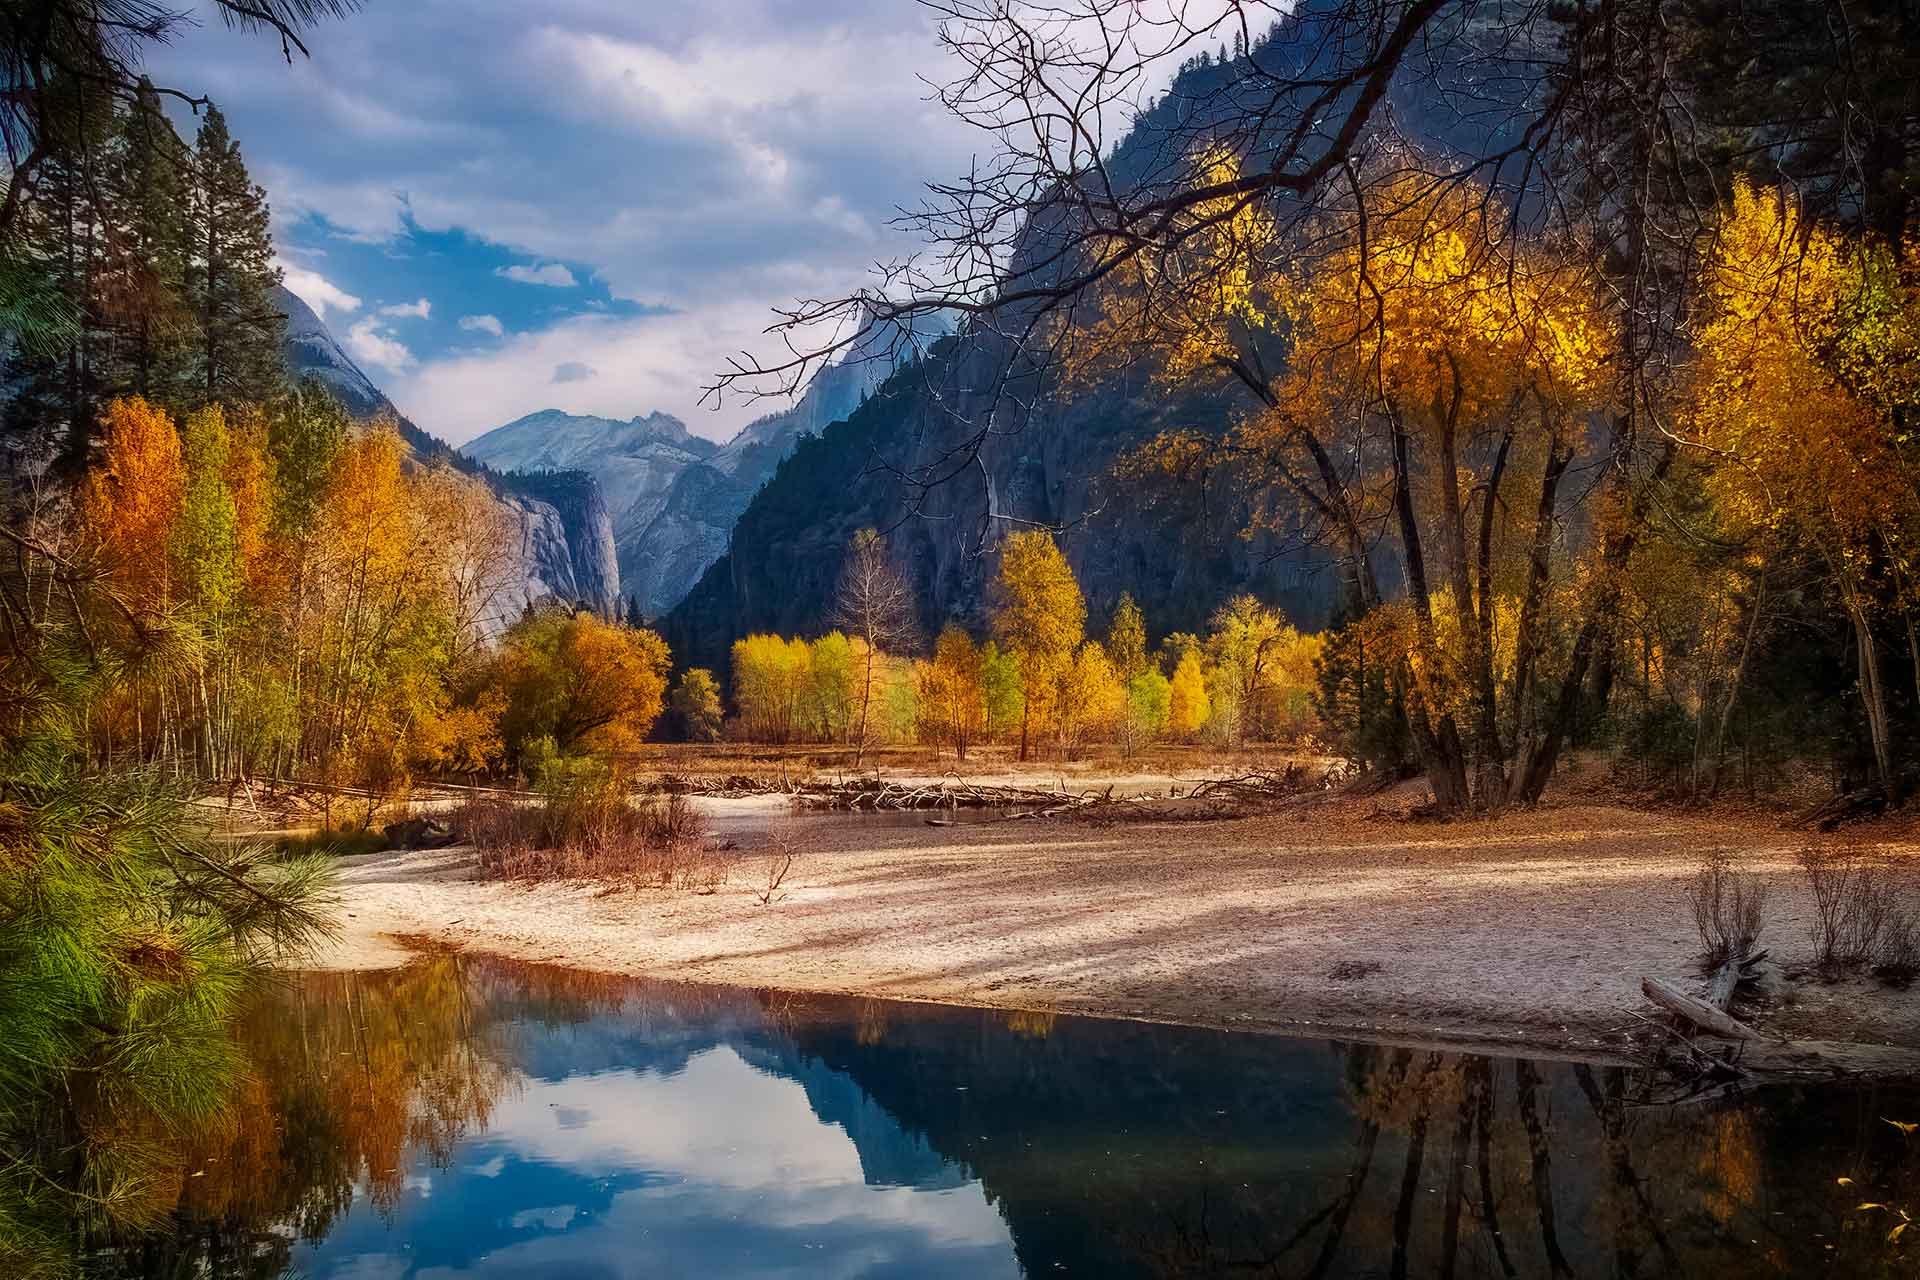 Yosemite Valley 2007_MG_7131-crop1920-copy